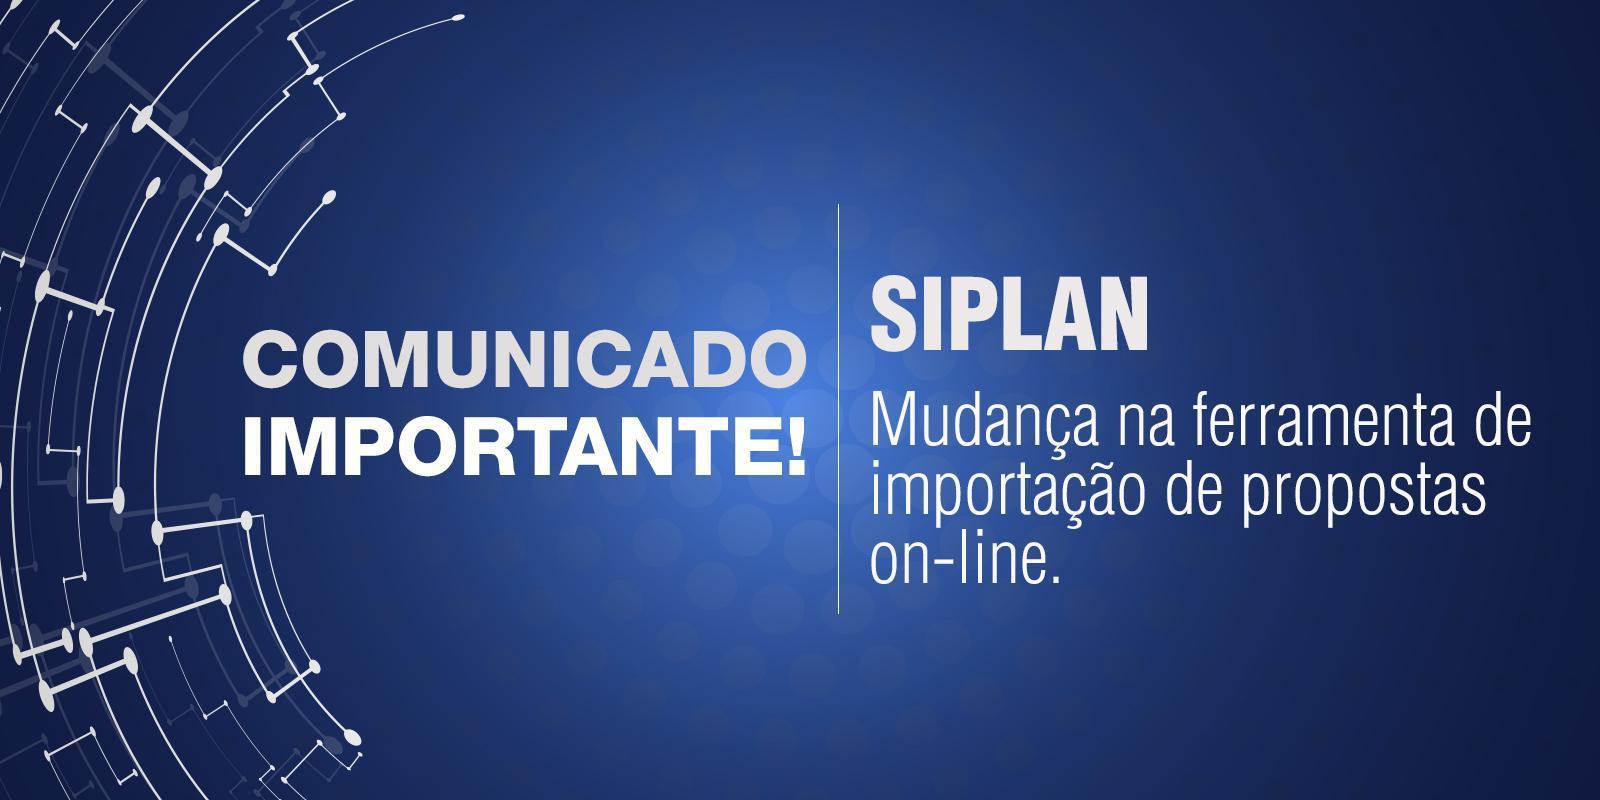 Mudança - SIPLAN - Importação de propostas on-line